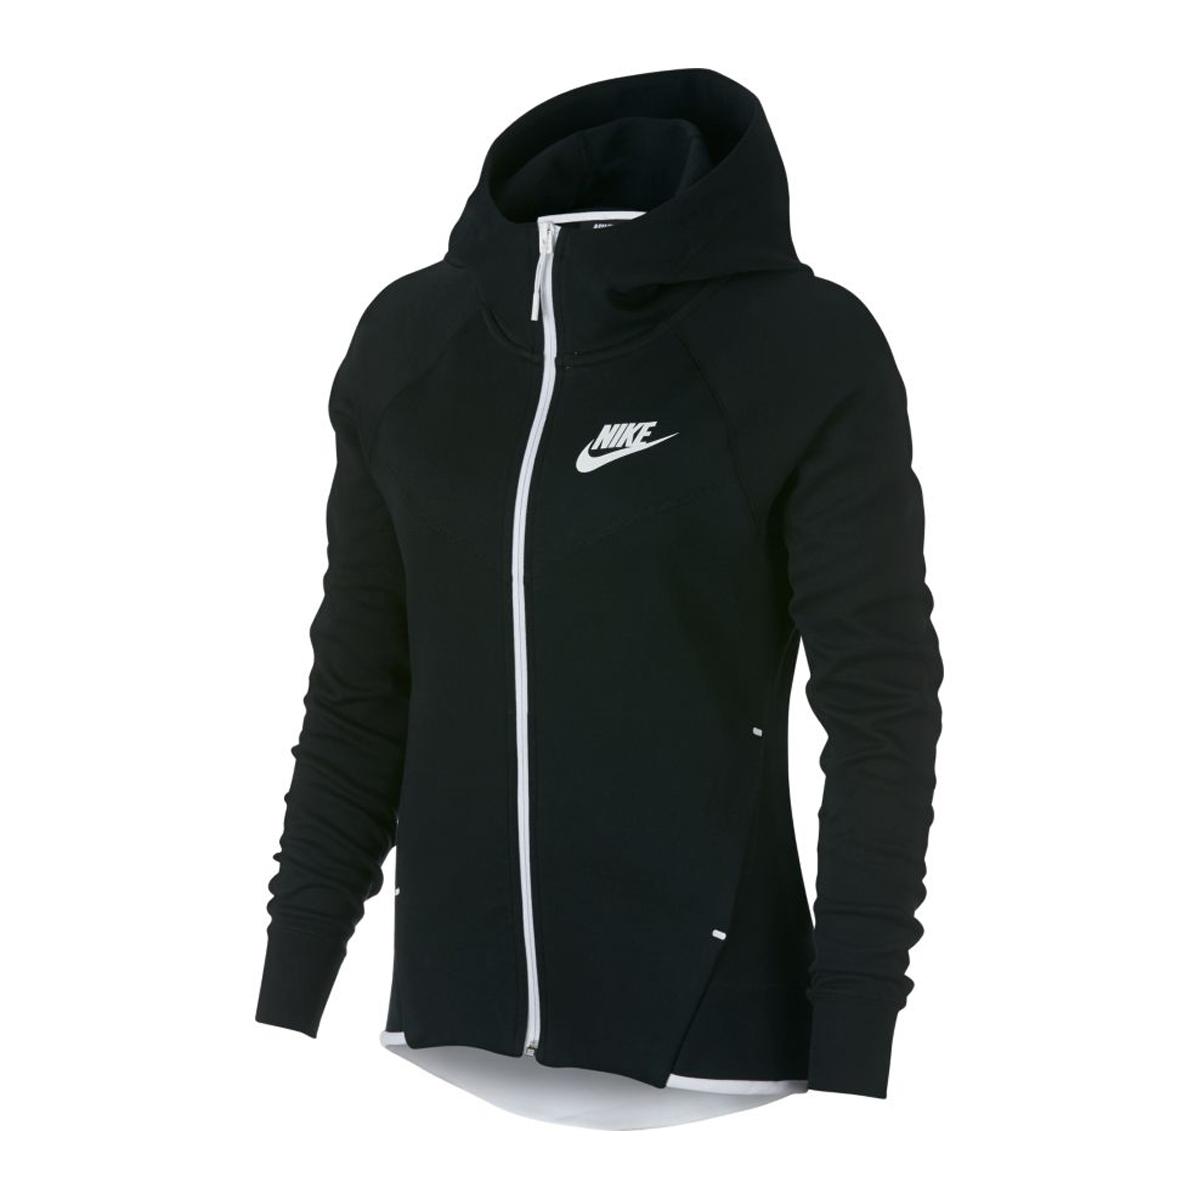 573063194f7 Nike Tech Fleece Windrunner Full Zip Hoodie ZWART/WIT online kopen ...